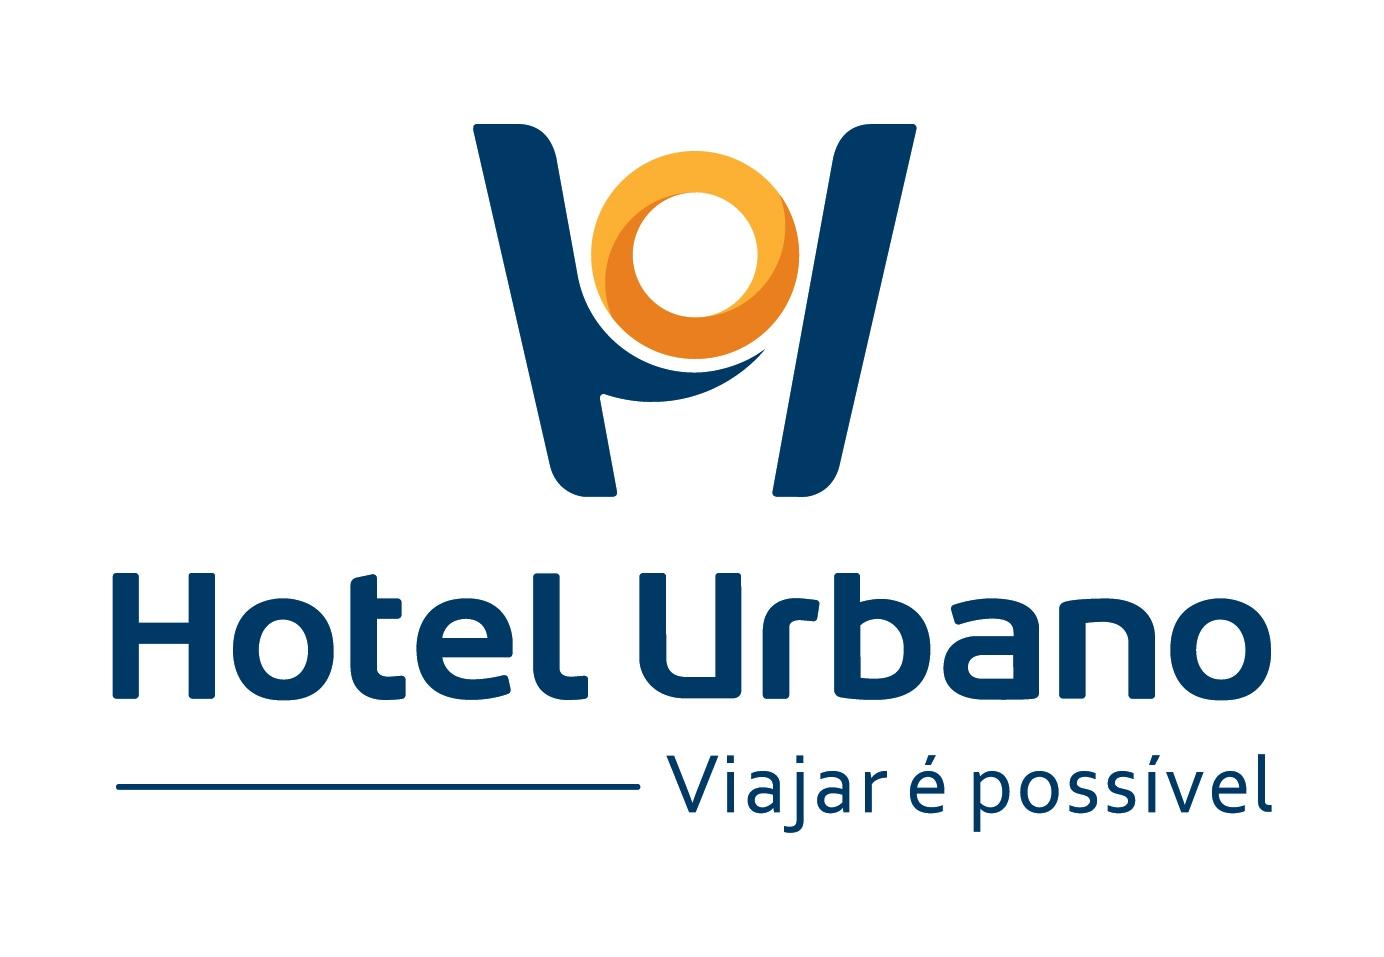 HOTEL URBANO VIAGENS E TURISMO S.A.